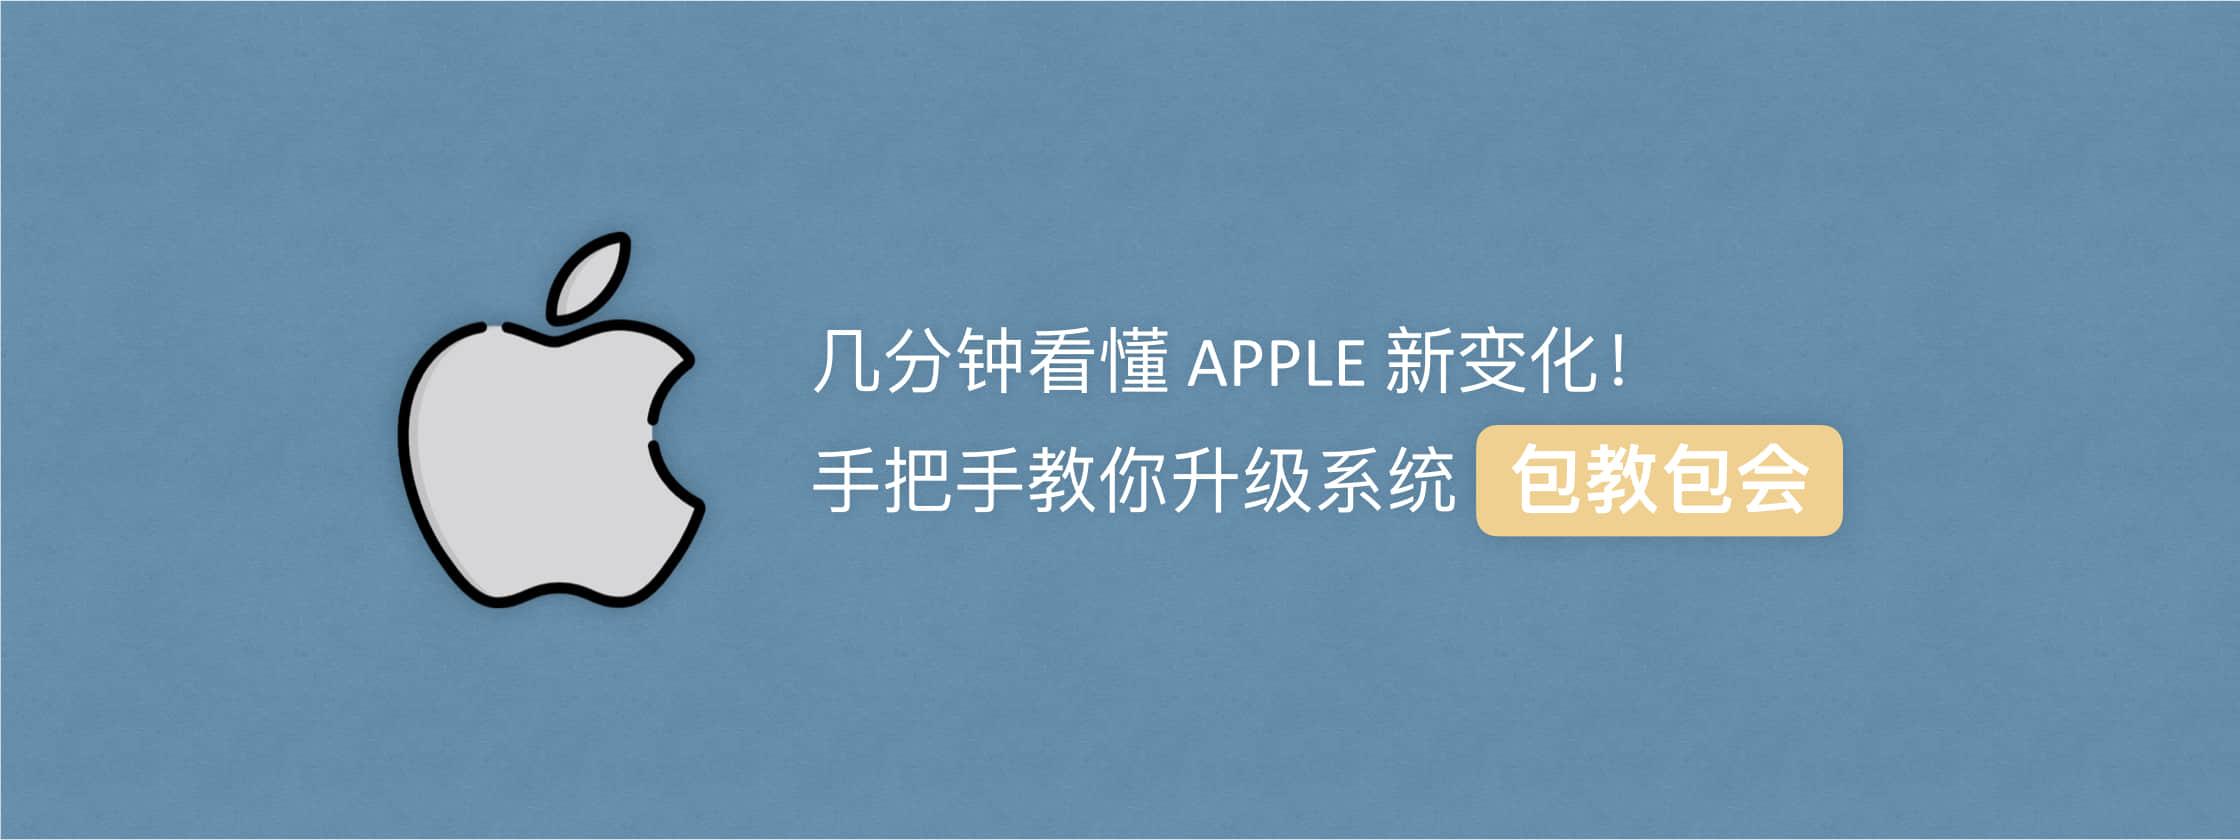 几分钟看懂 Apple 系统新变化,手把手升级系统包教包会!